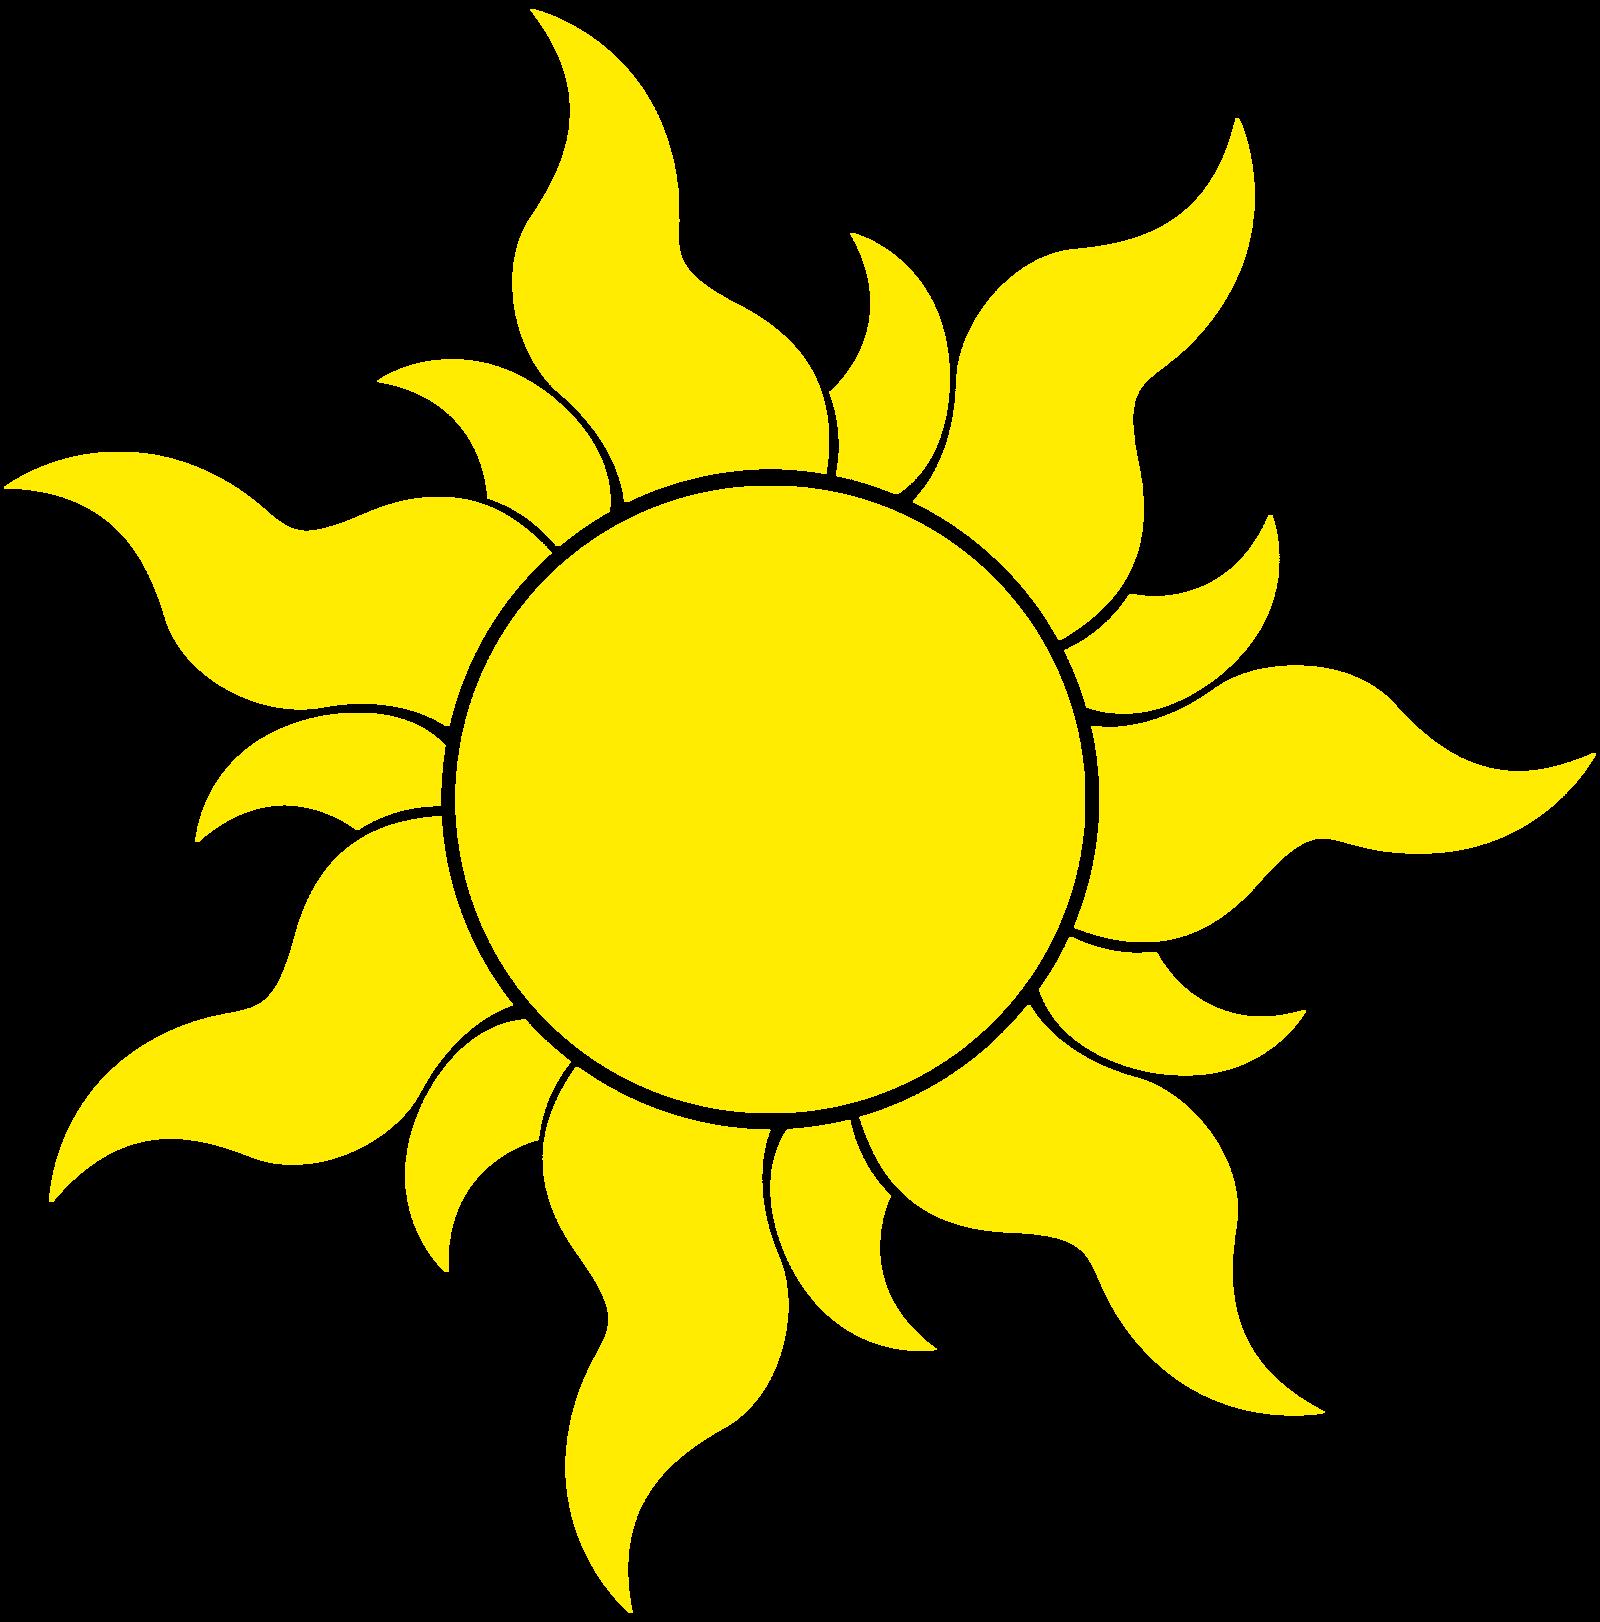 sun drawings.